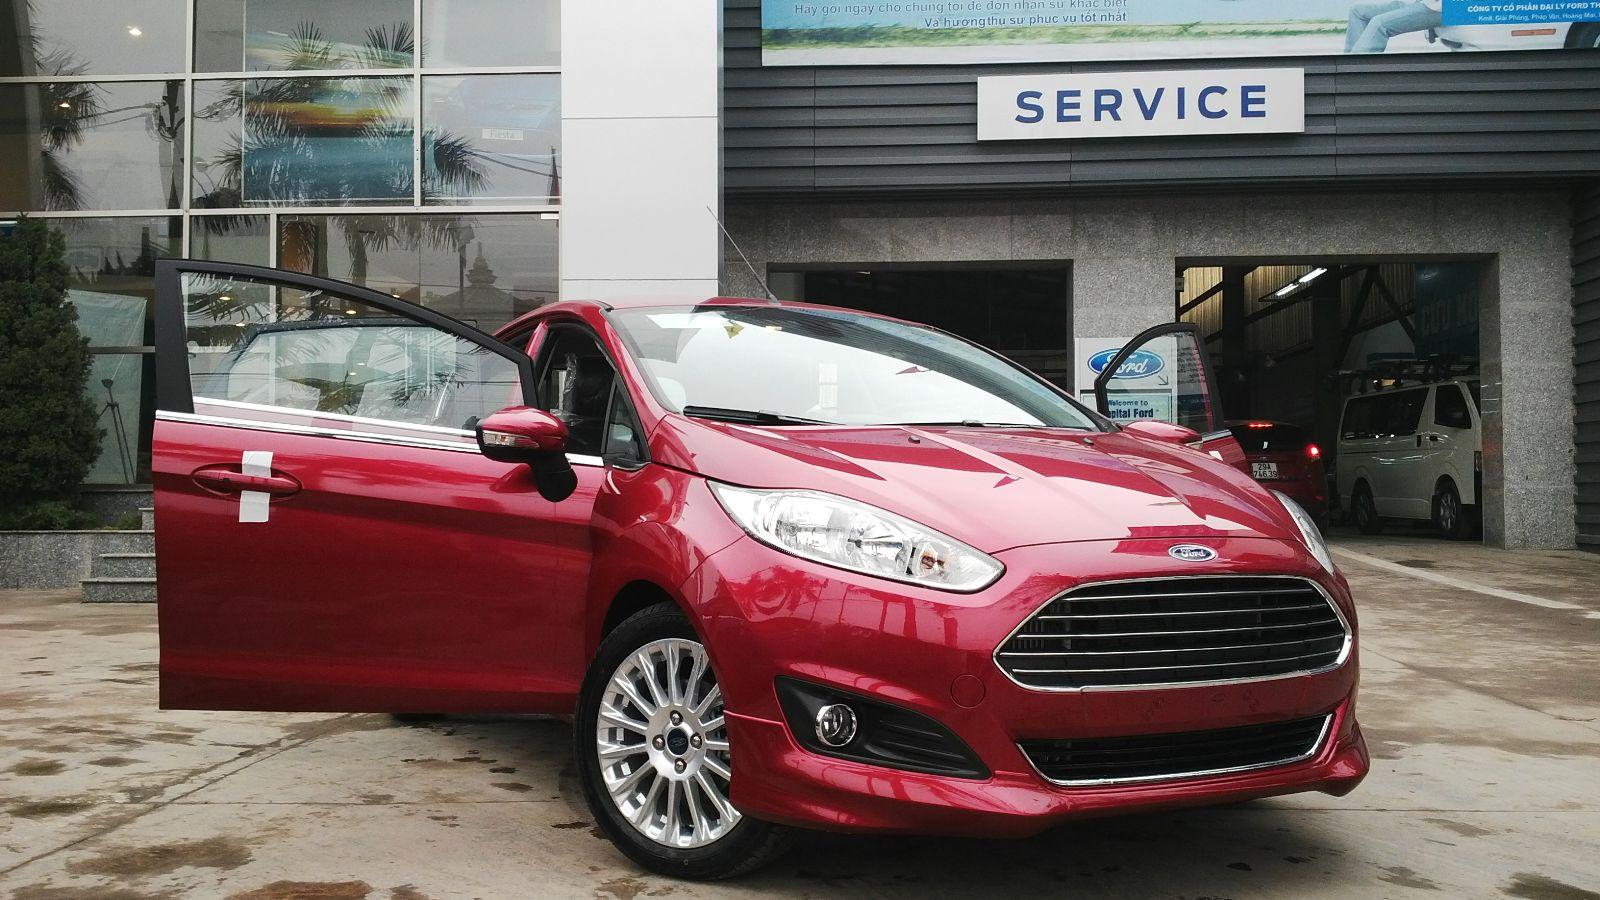 ford fiesta anh 17 - Ford Fiesta [hienthinam]: thông số, giá xe & khuyến mãi tháng [hienthithang]